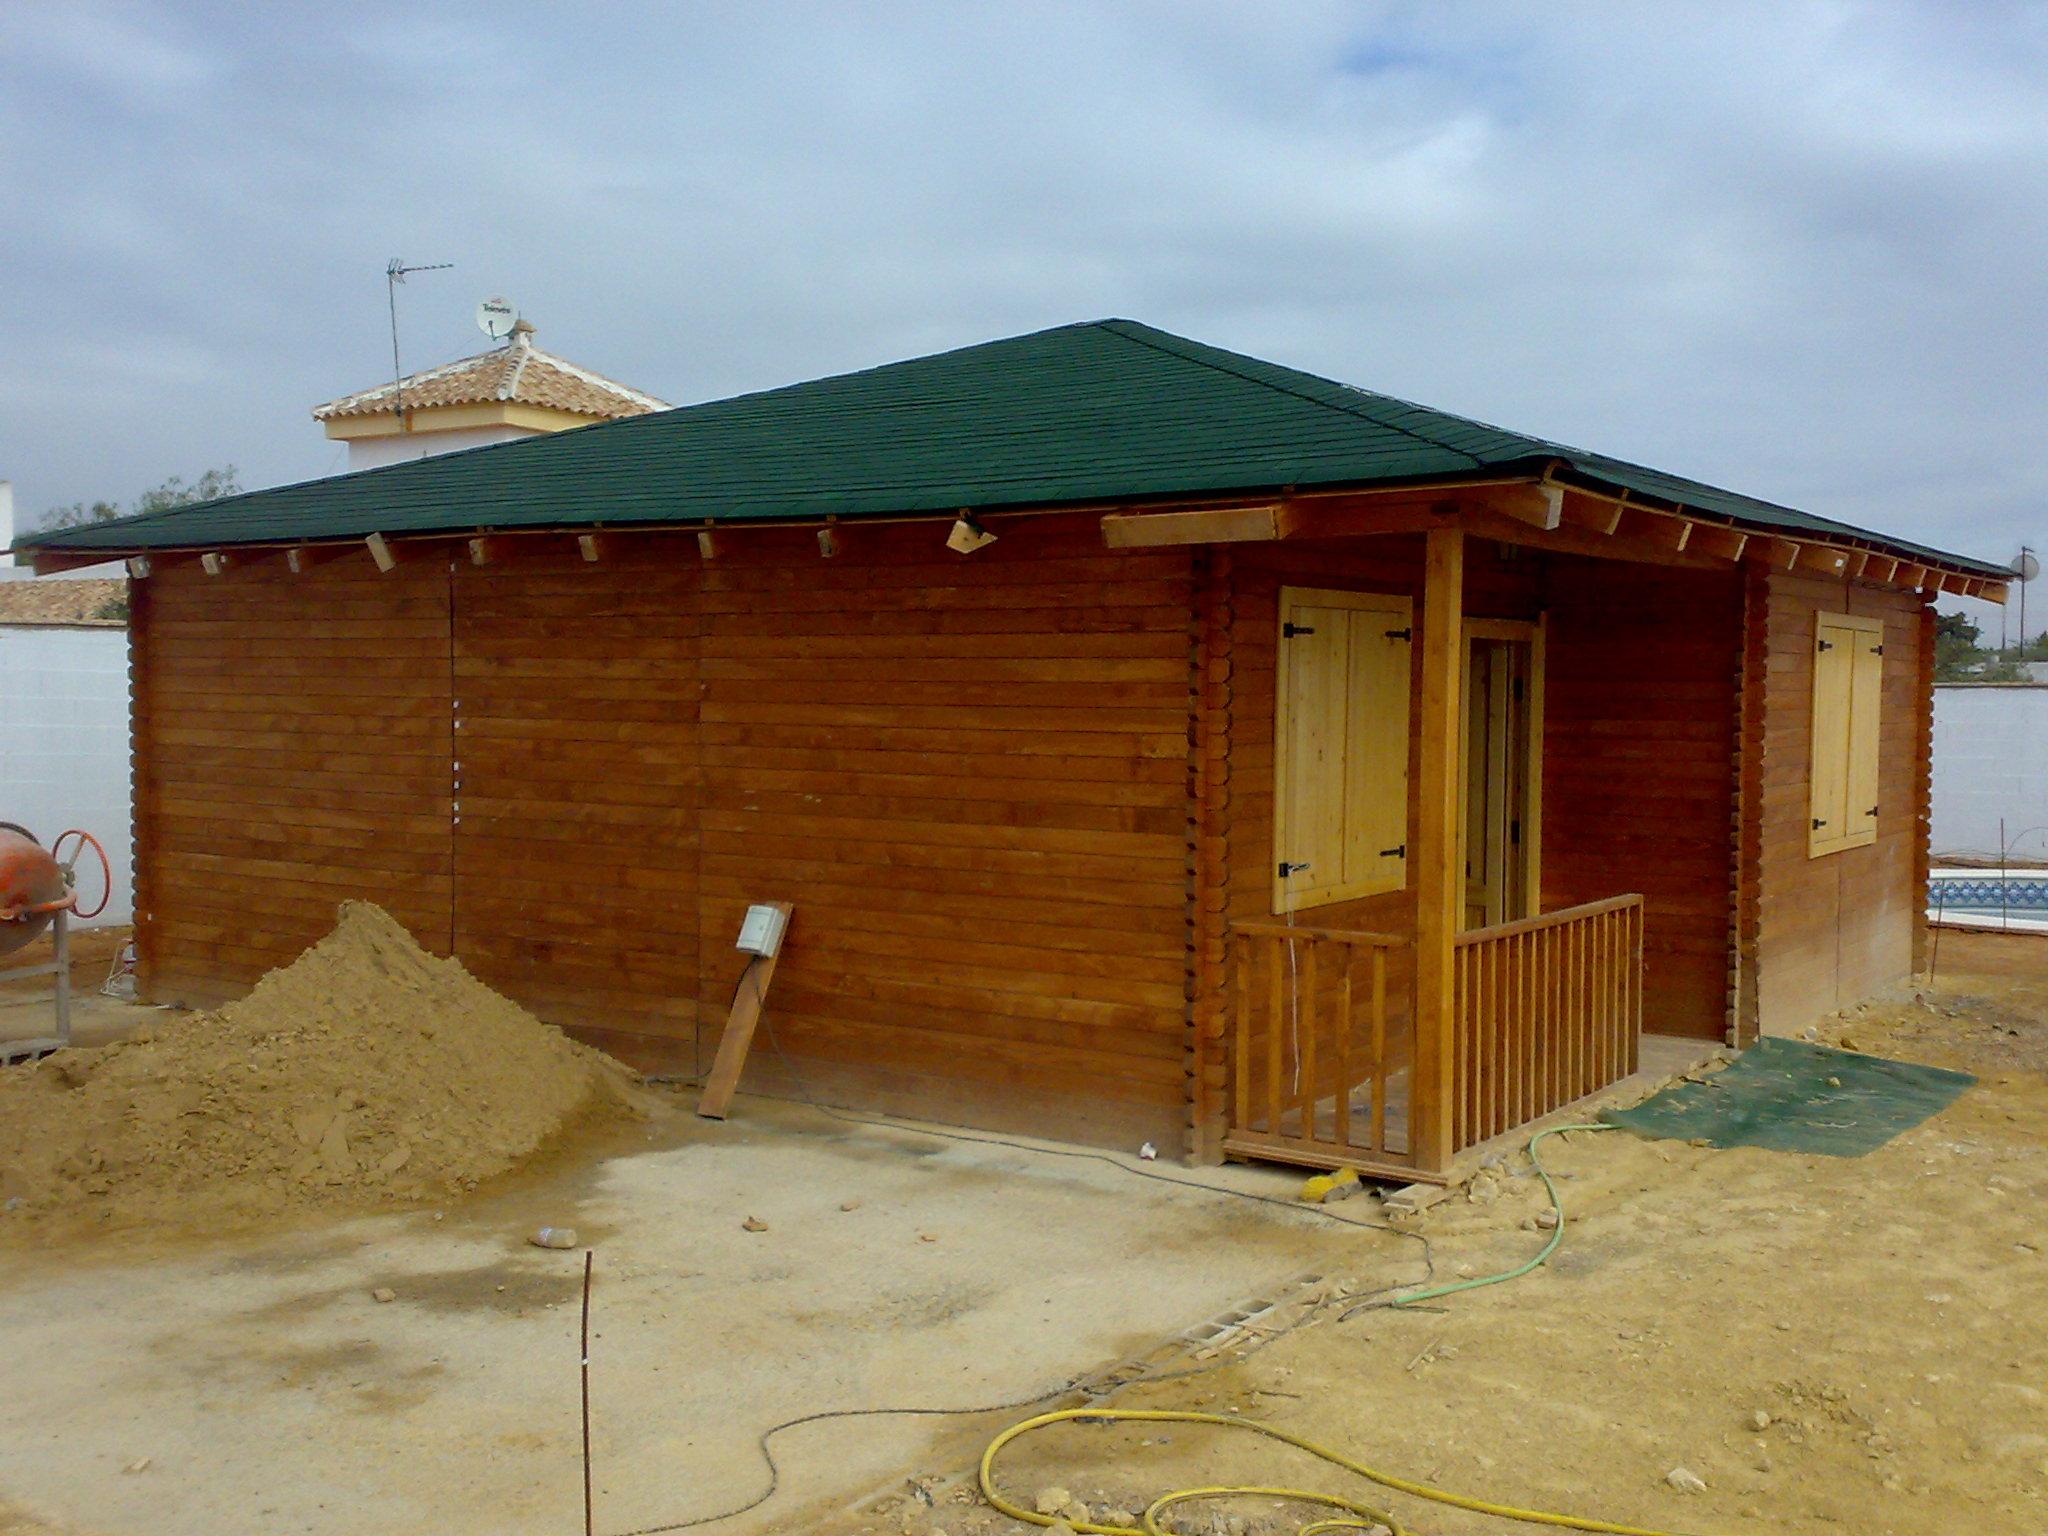 Casa de madera sevilla nueva a estrenar de 60 m2 con for Tejados de madera a cuatro aguas